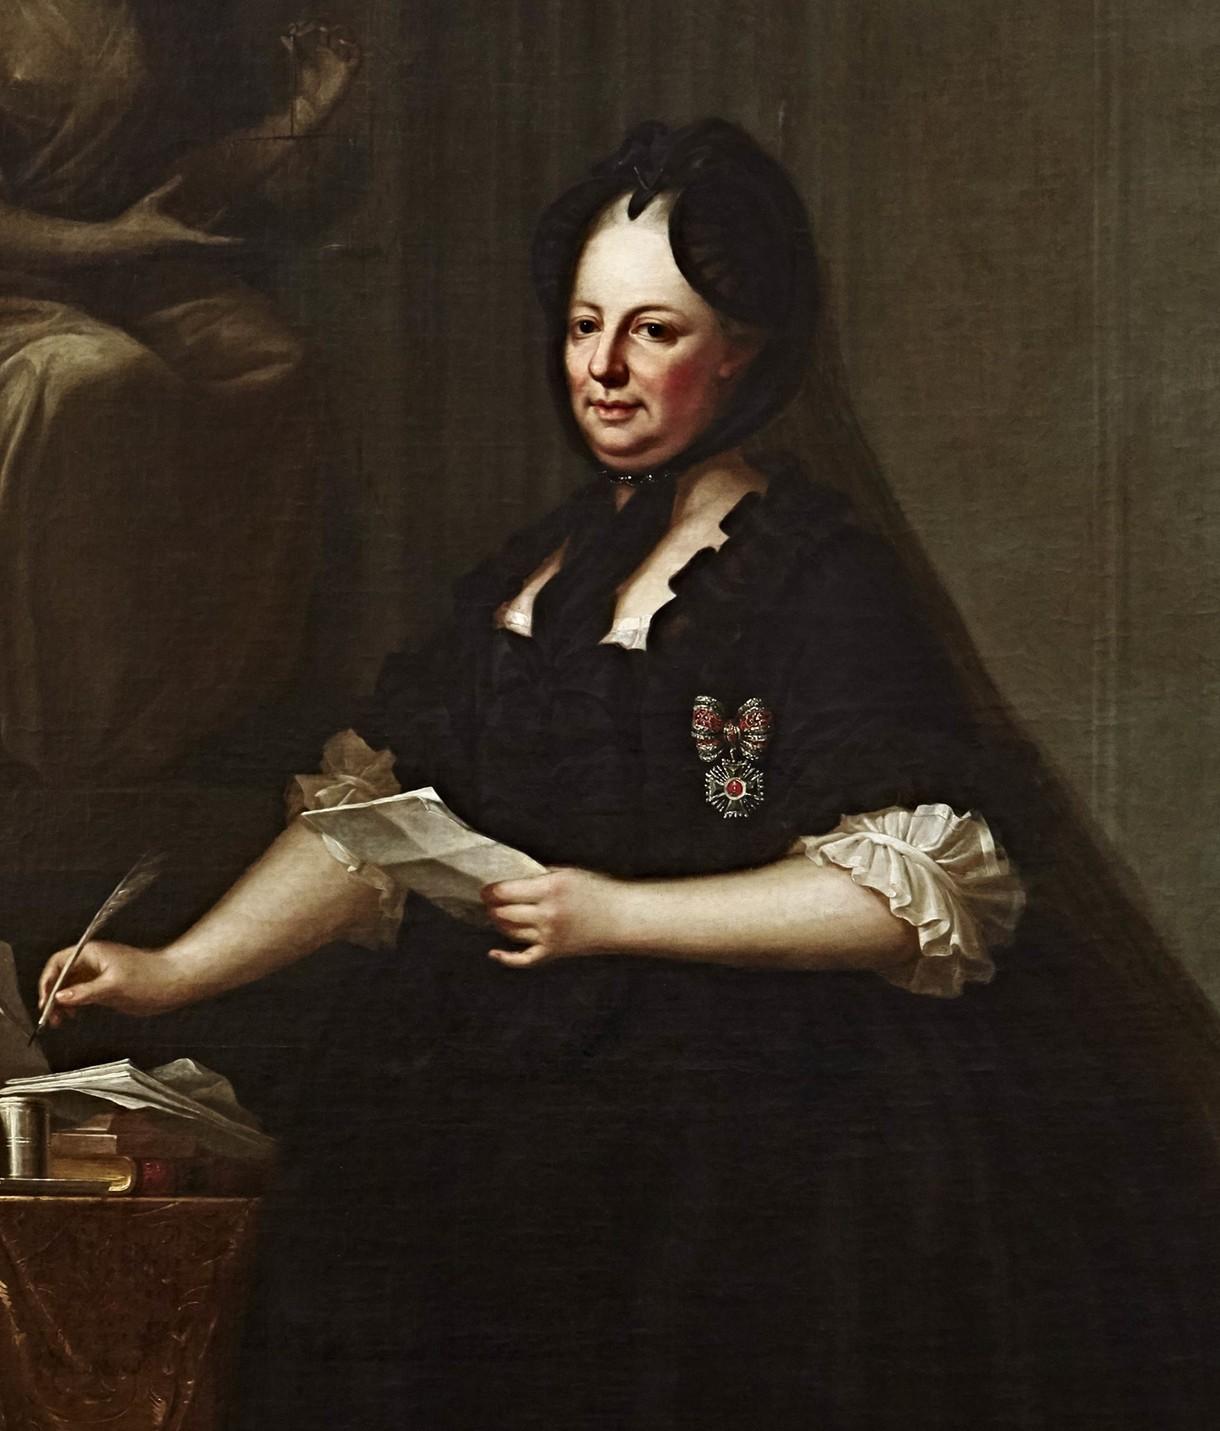 Gemälde von Maria Theresia mit einem Brief in der Hand.